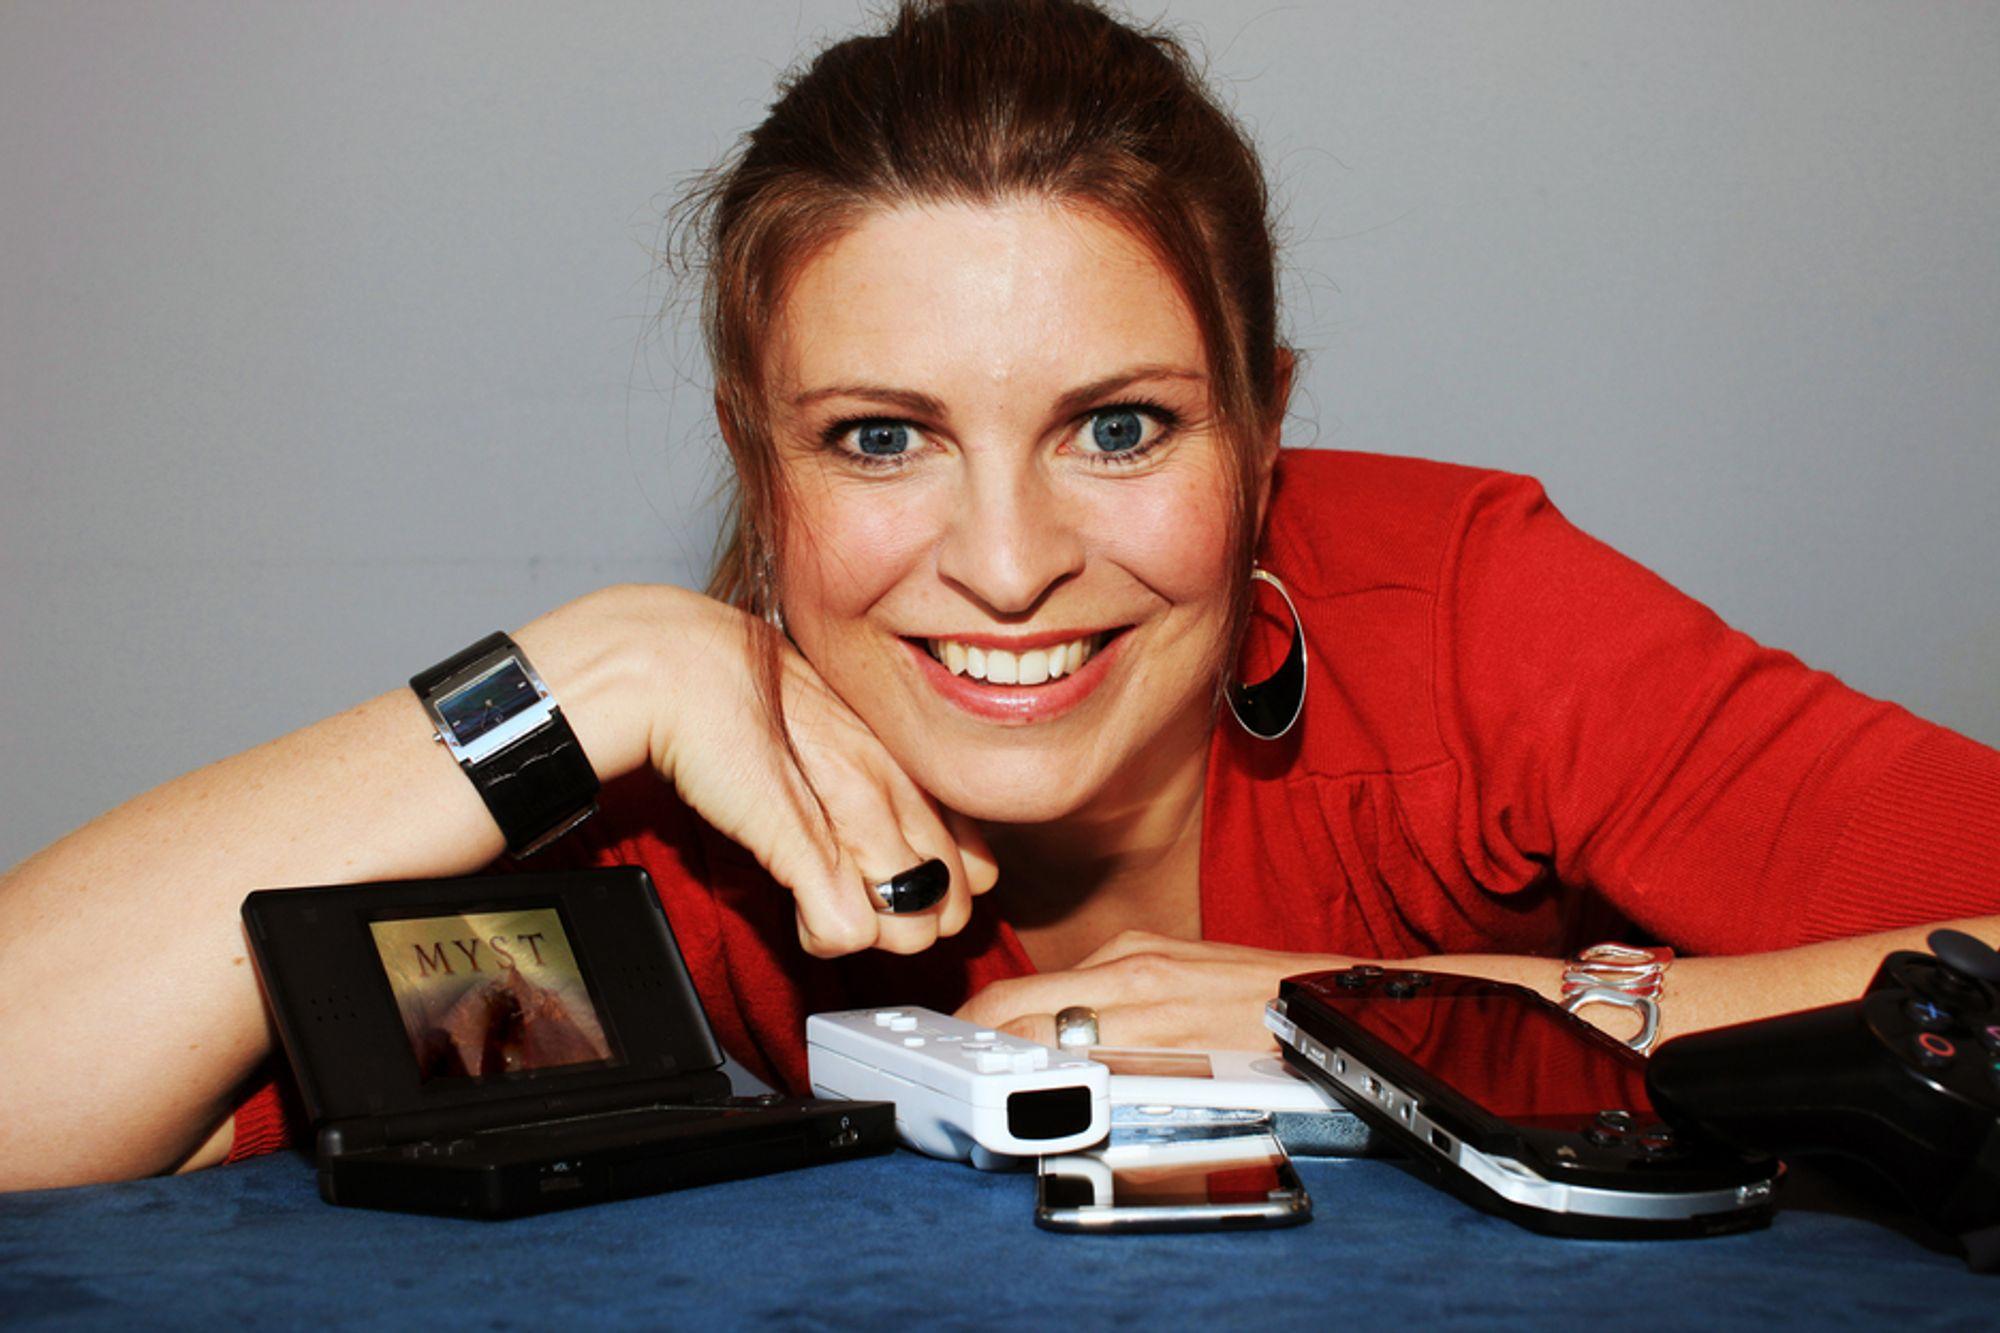 Programleder Hanne Kari Fossum i NRks nye programserie Tekno, som legges ut til nedlasting i HD.